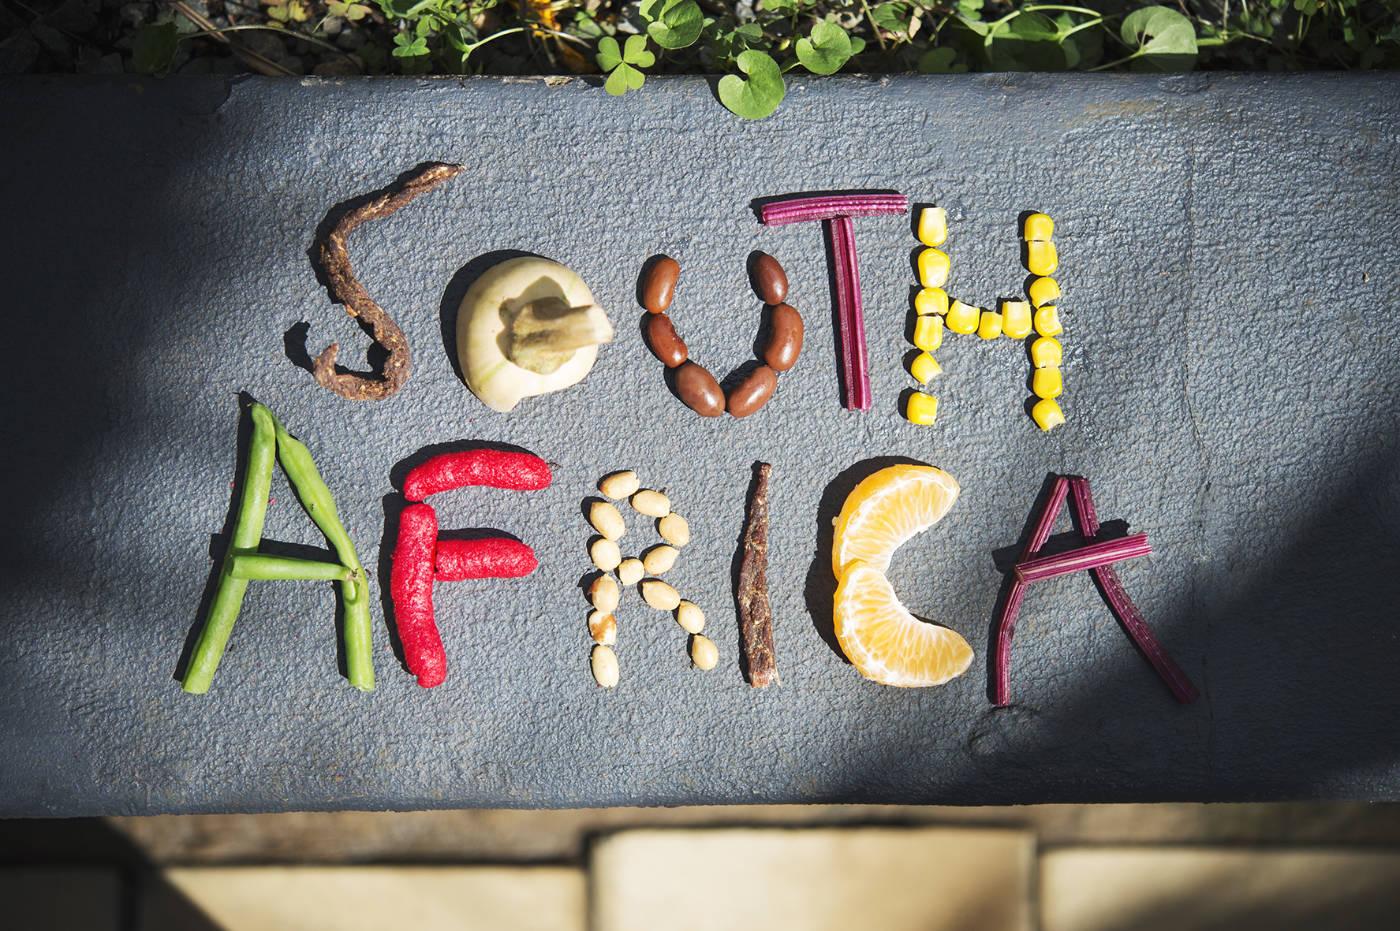 Essen in Südafrika. Afrikanische Zutaten für das Afrika Kochbuch Eating with Africa